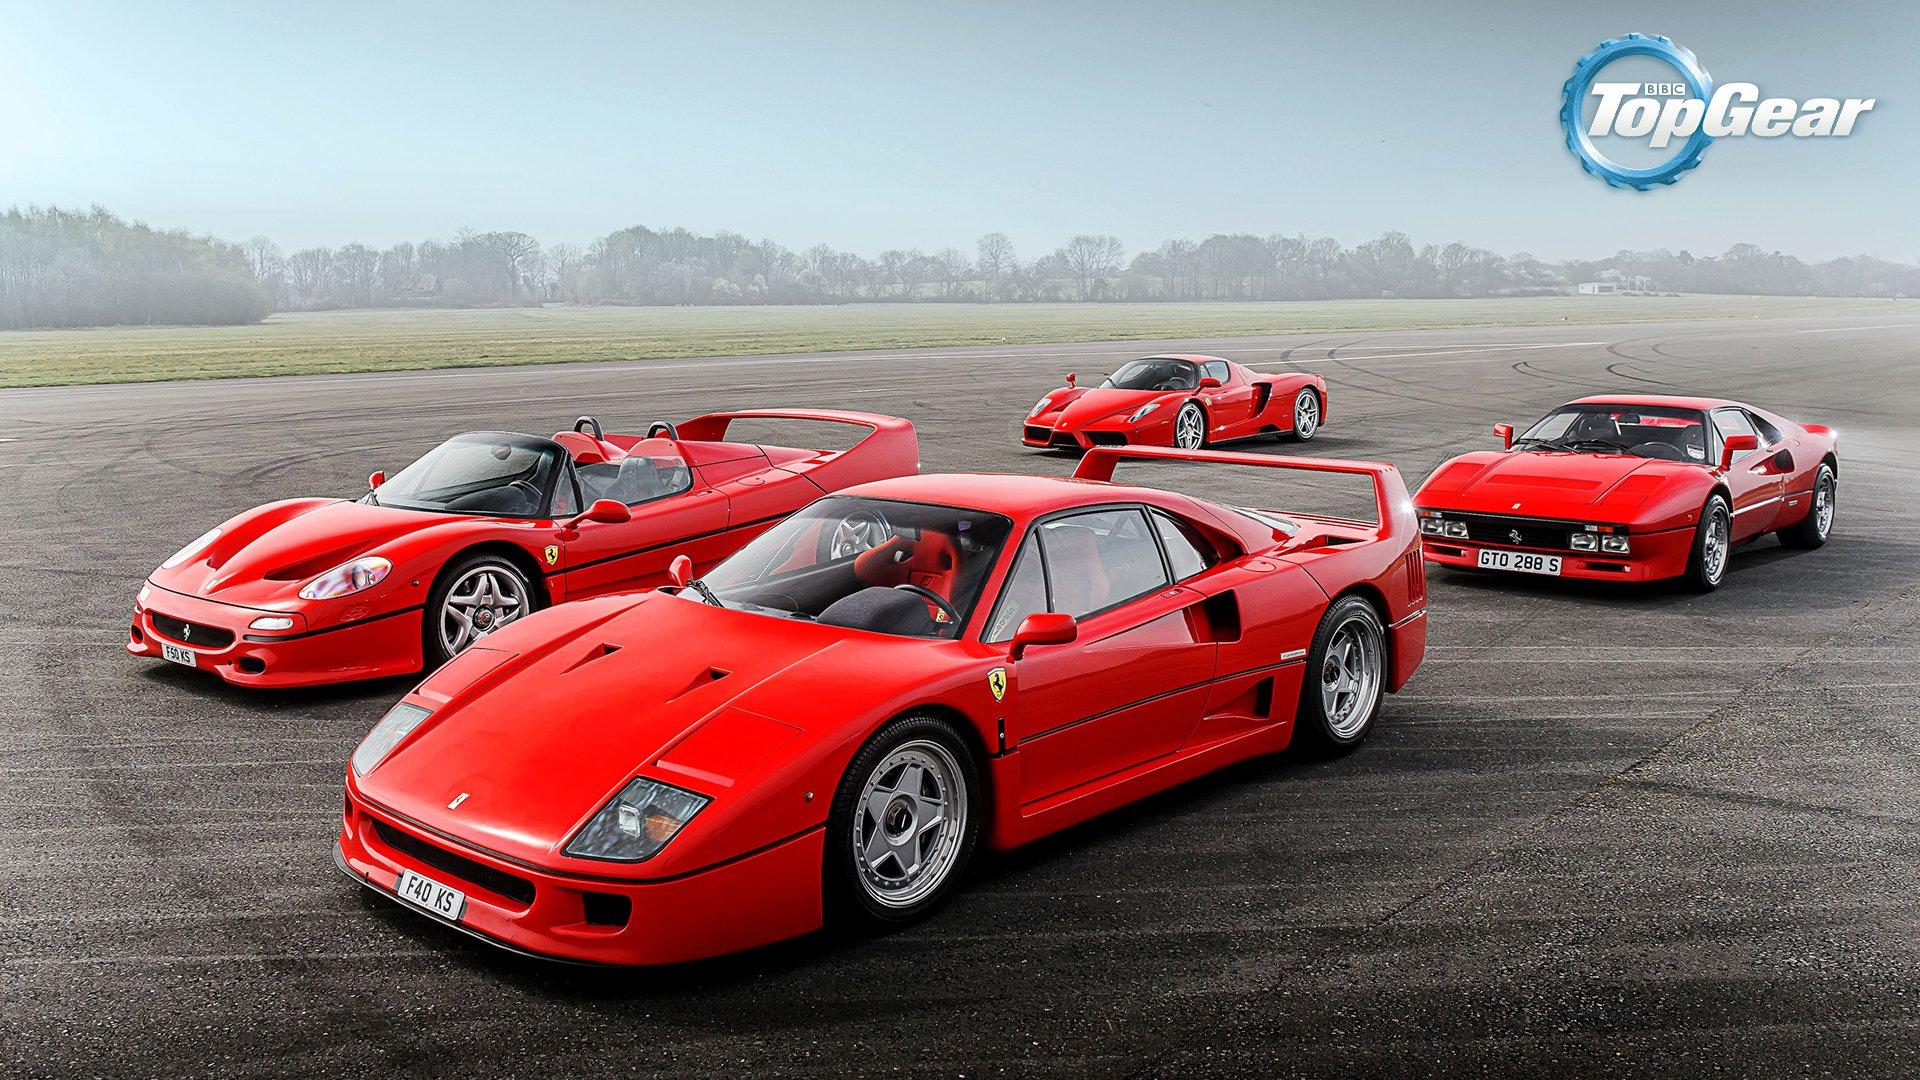 Ferrari 288 Gto F40 F50 Enzo Supercars Italian Red Track